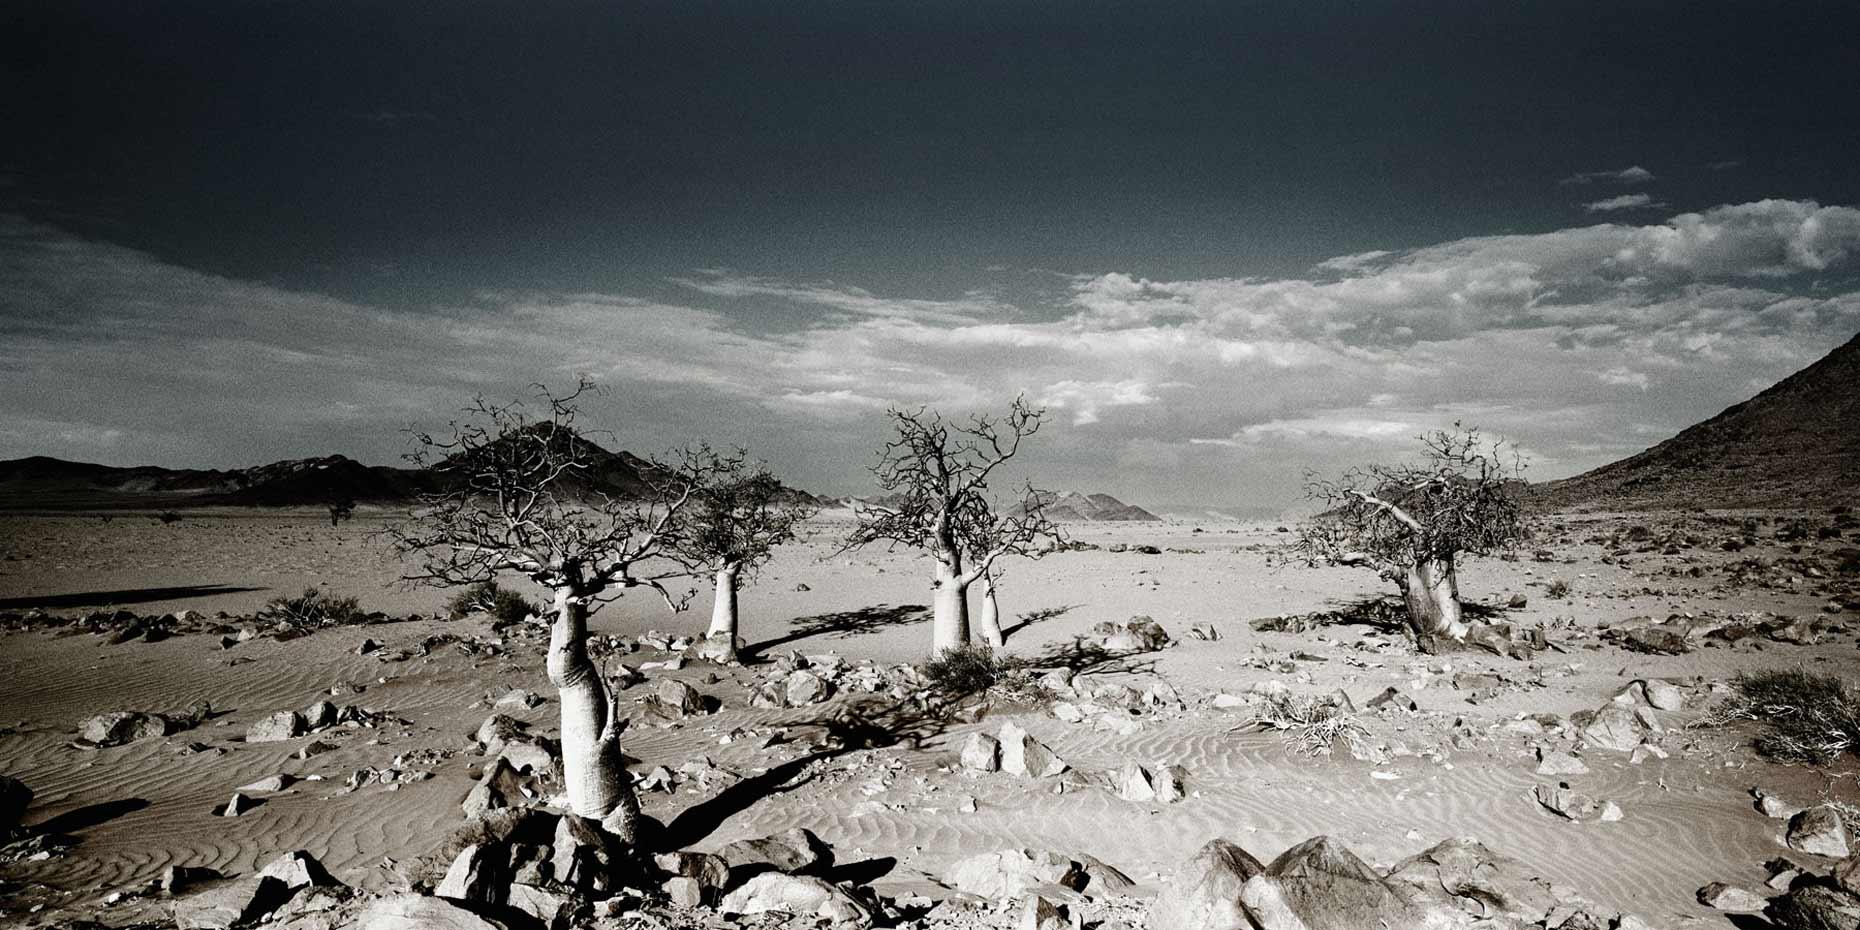 fotografie-rotterdam-fotograaf-pim-vuik-namibia18-L.jpg